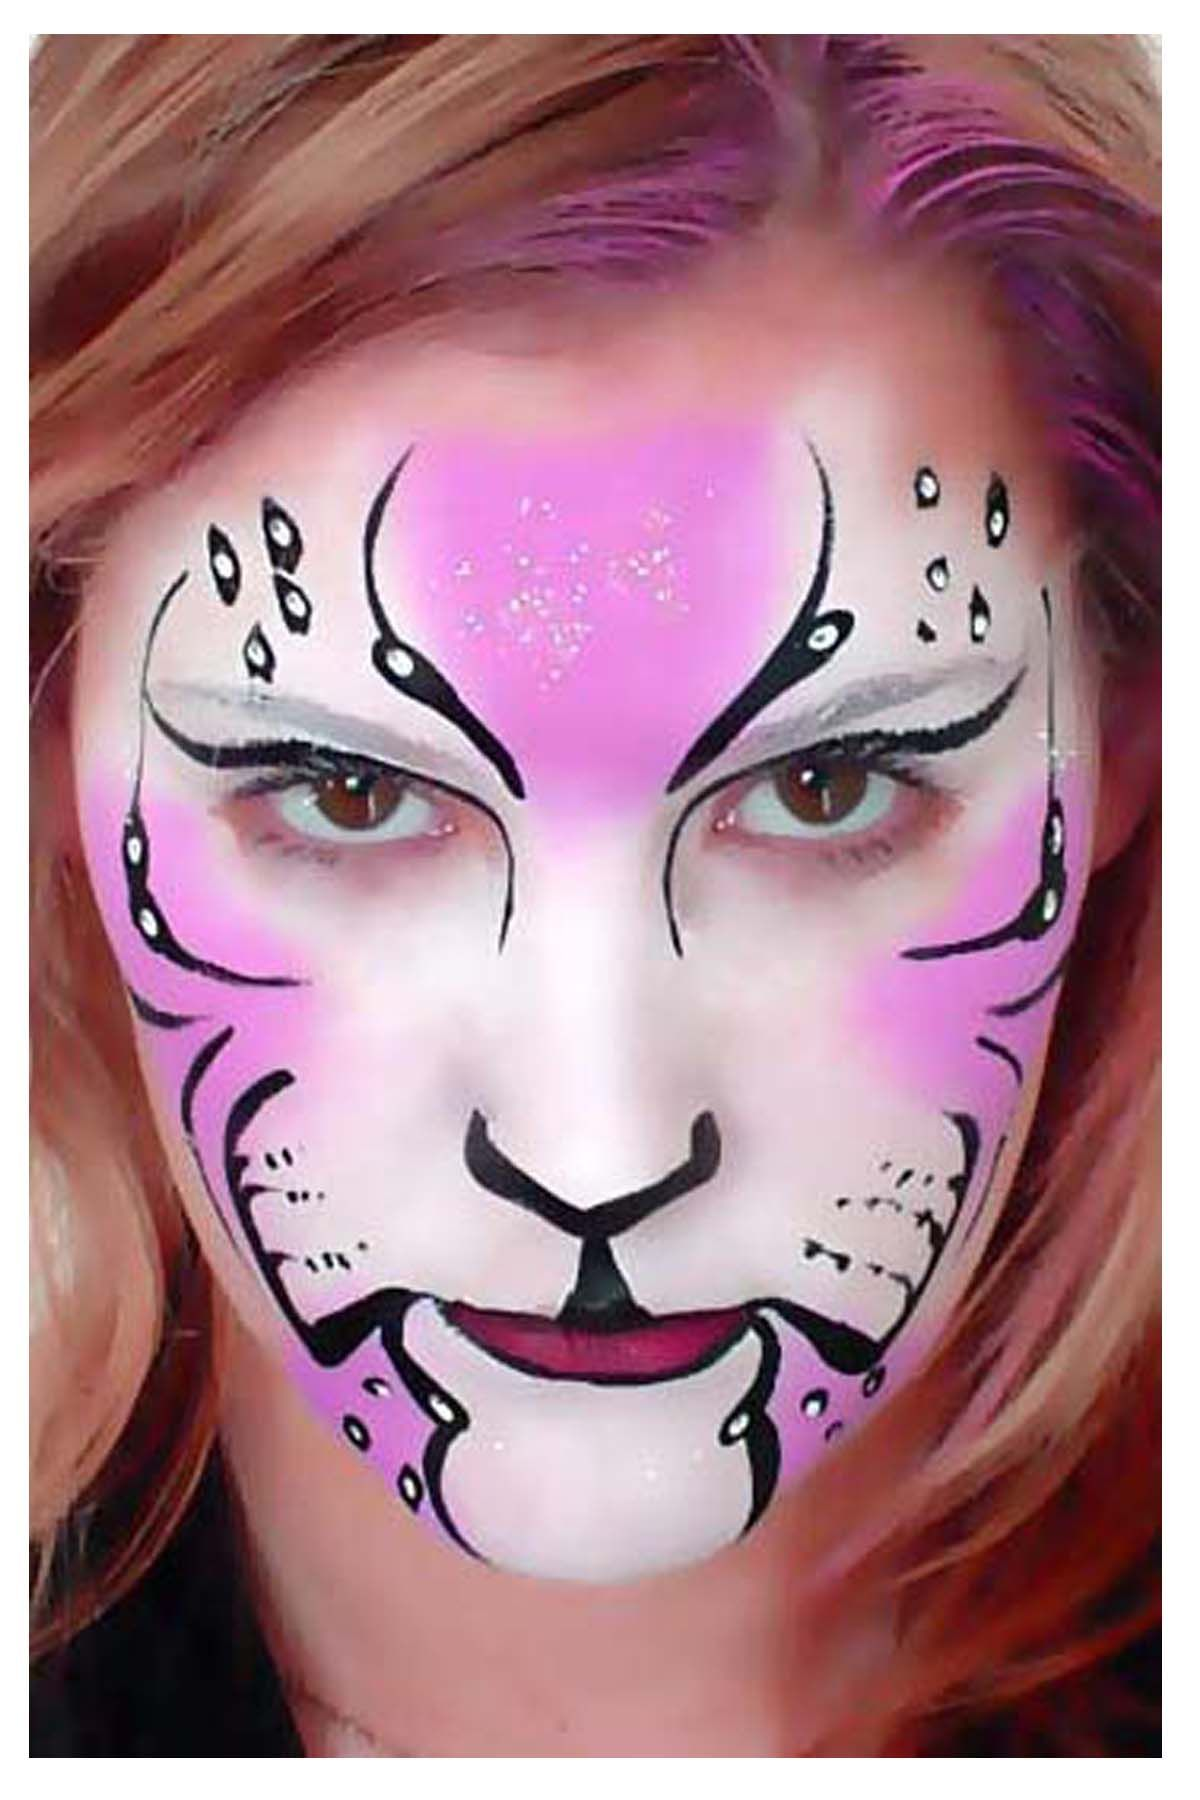 best cat face paint - Google Search   larp   Face painting ...